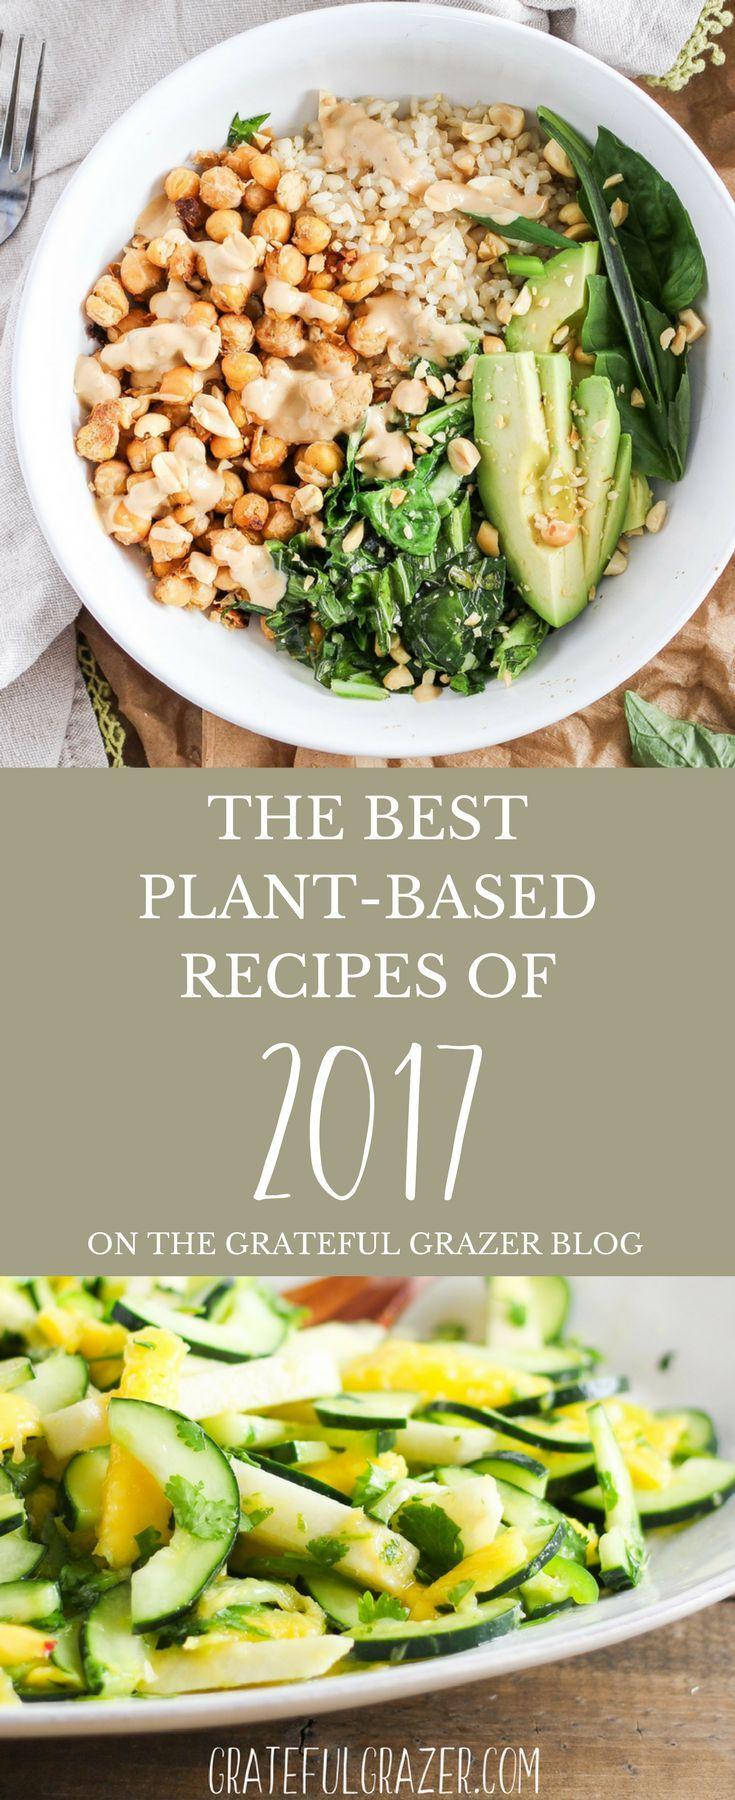 Plant Based Recipes Top Vegan Vegetarian Gluten Free Options New Vegetarian Recipe Plantbased Recipes Plant Based Diet Recipes